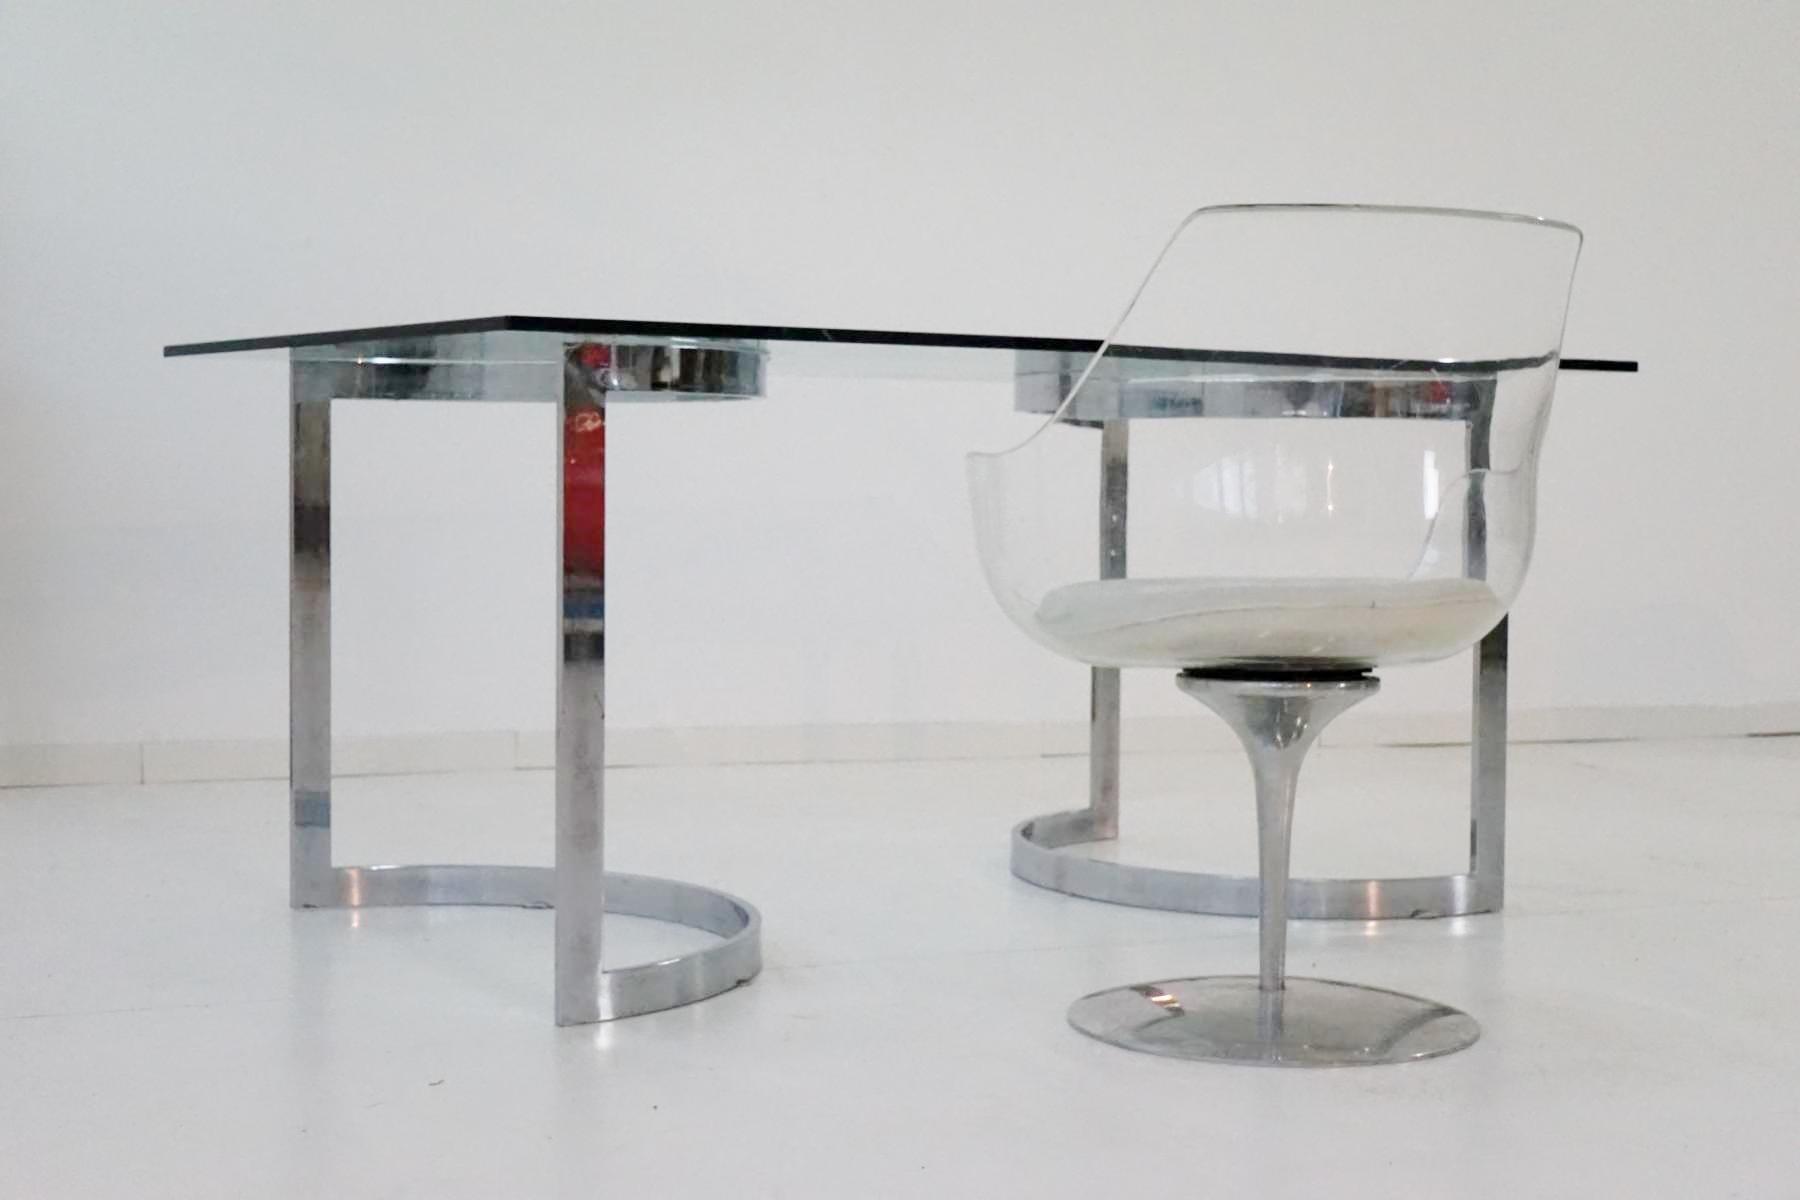 space age chrom glas esstisch von milo baughman 1970er bei pamono kaufen. Black Bedroom Furniture Sets. Home Design Ideas